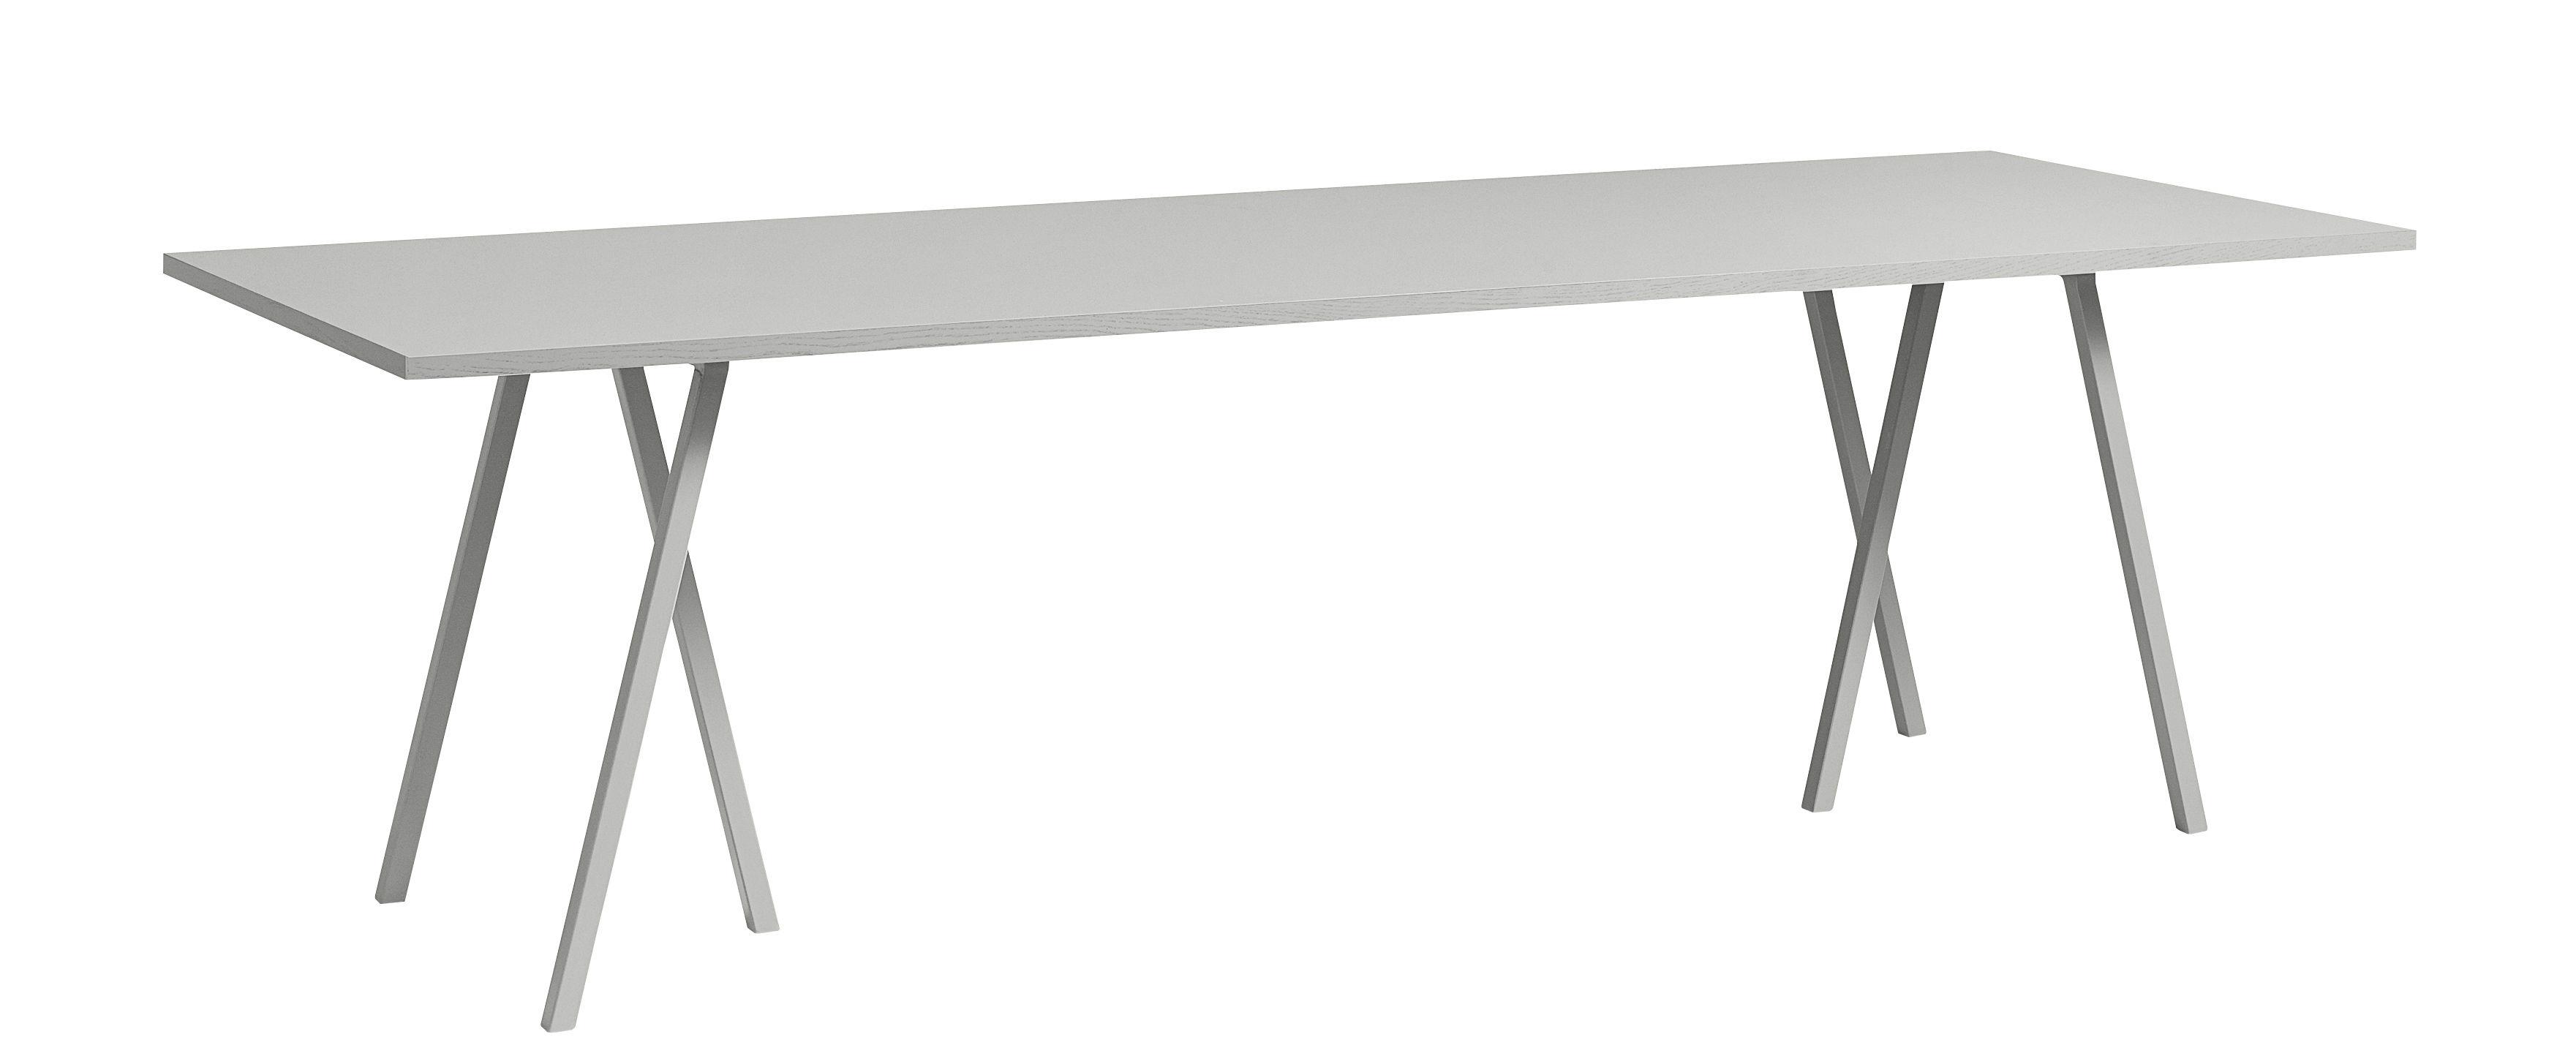 Möbel - Tische - Loop rechteckiger Tisch / L 160 cm - Hay - Grau - lackierter Stahl